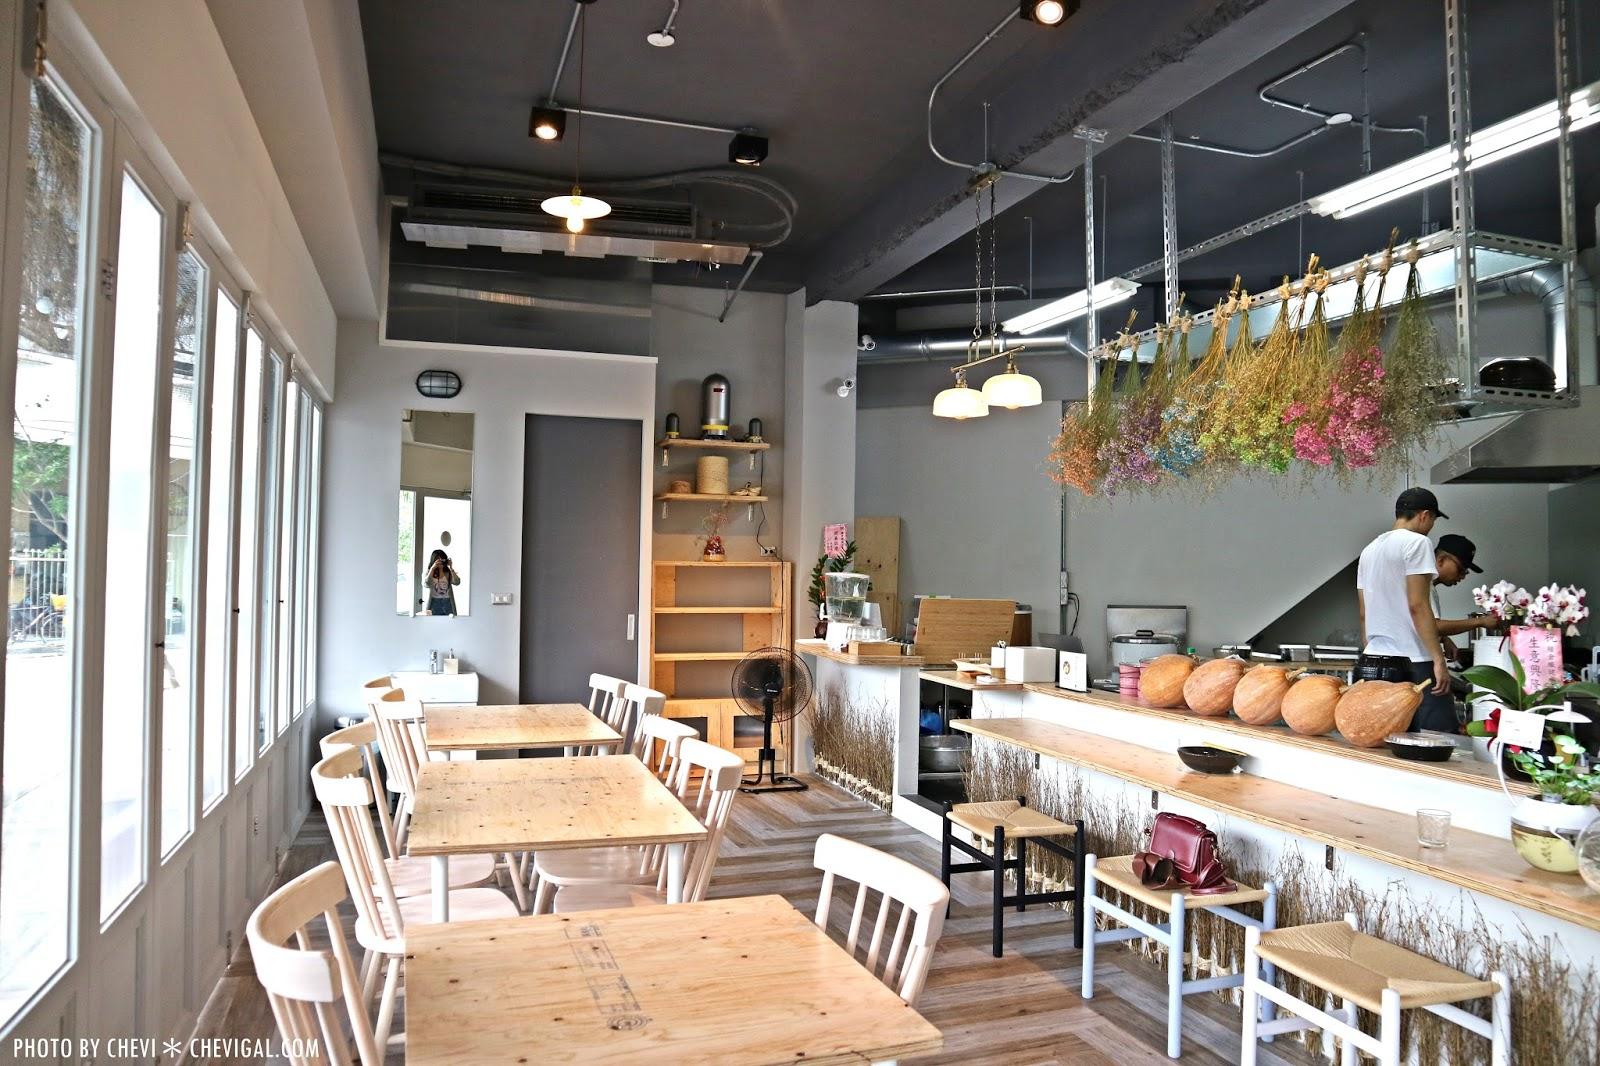 IMG 9640 - 台中北區│糧倉 纖健水煮*隱身在柳川西路的文青小店。清爽水煮料理讓你吃到鮮甜原味